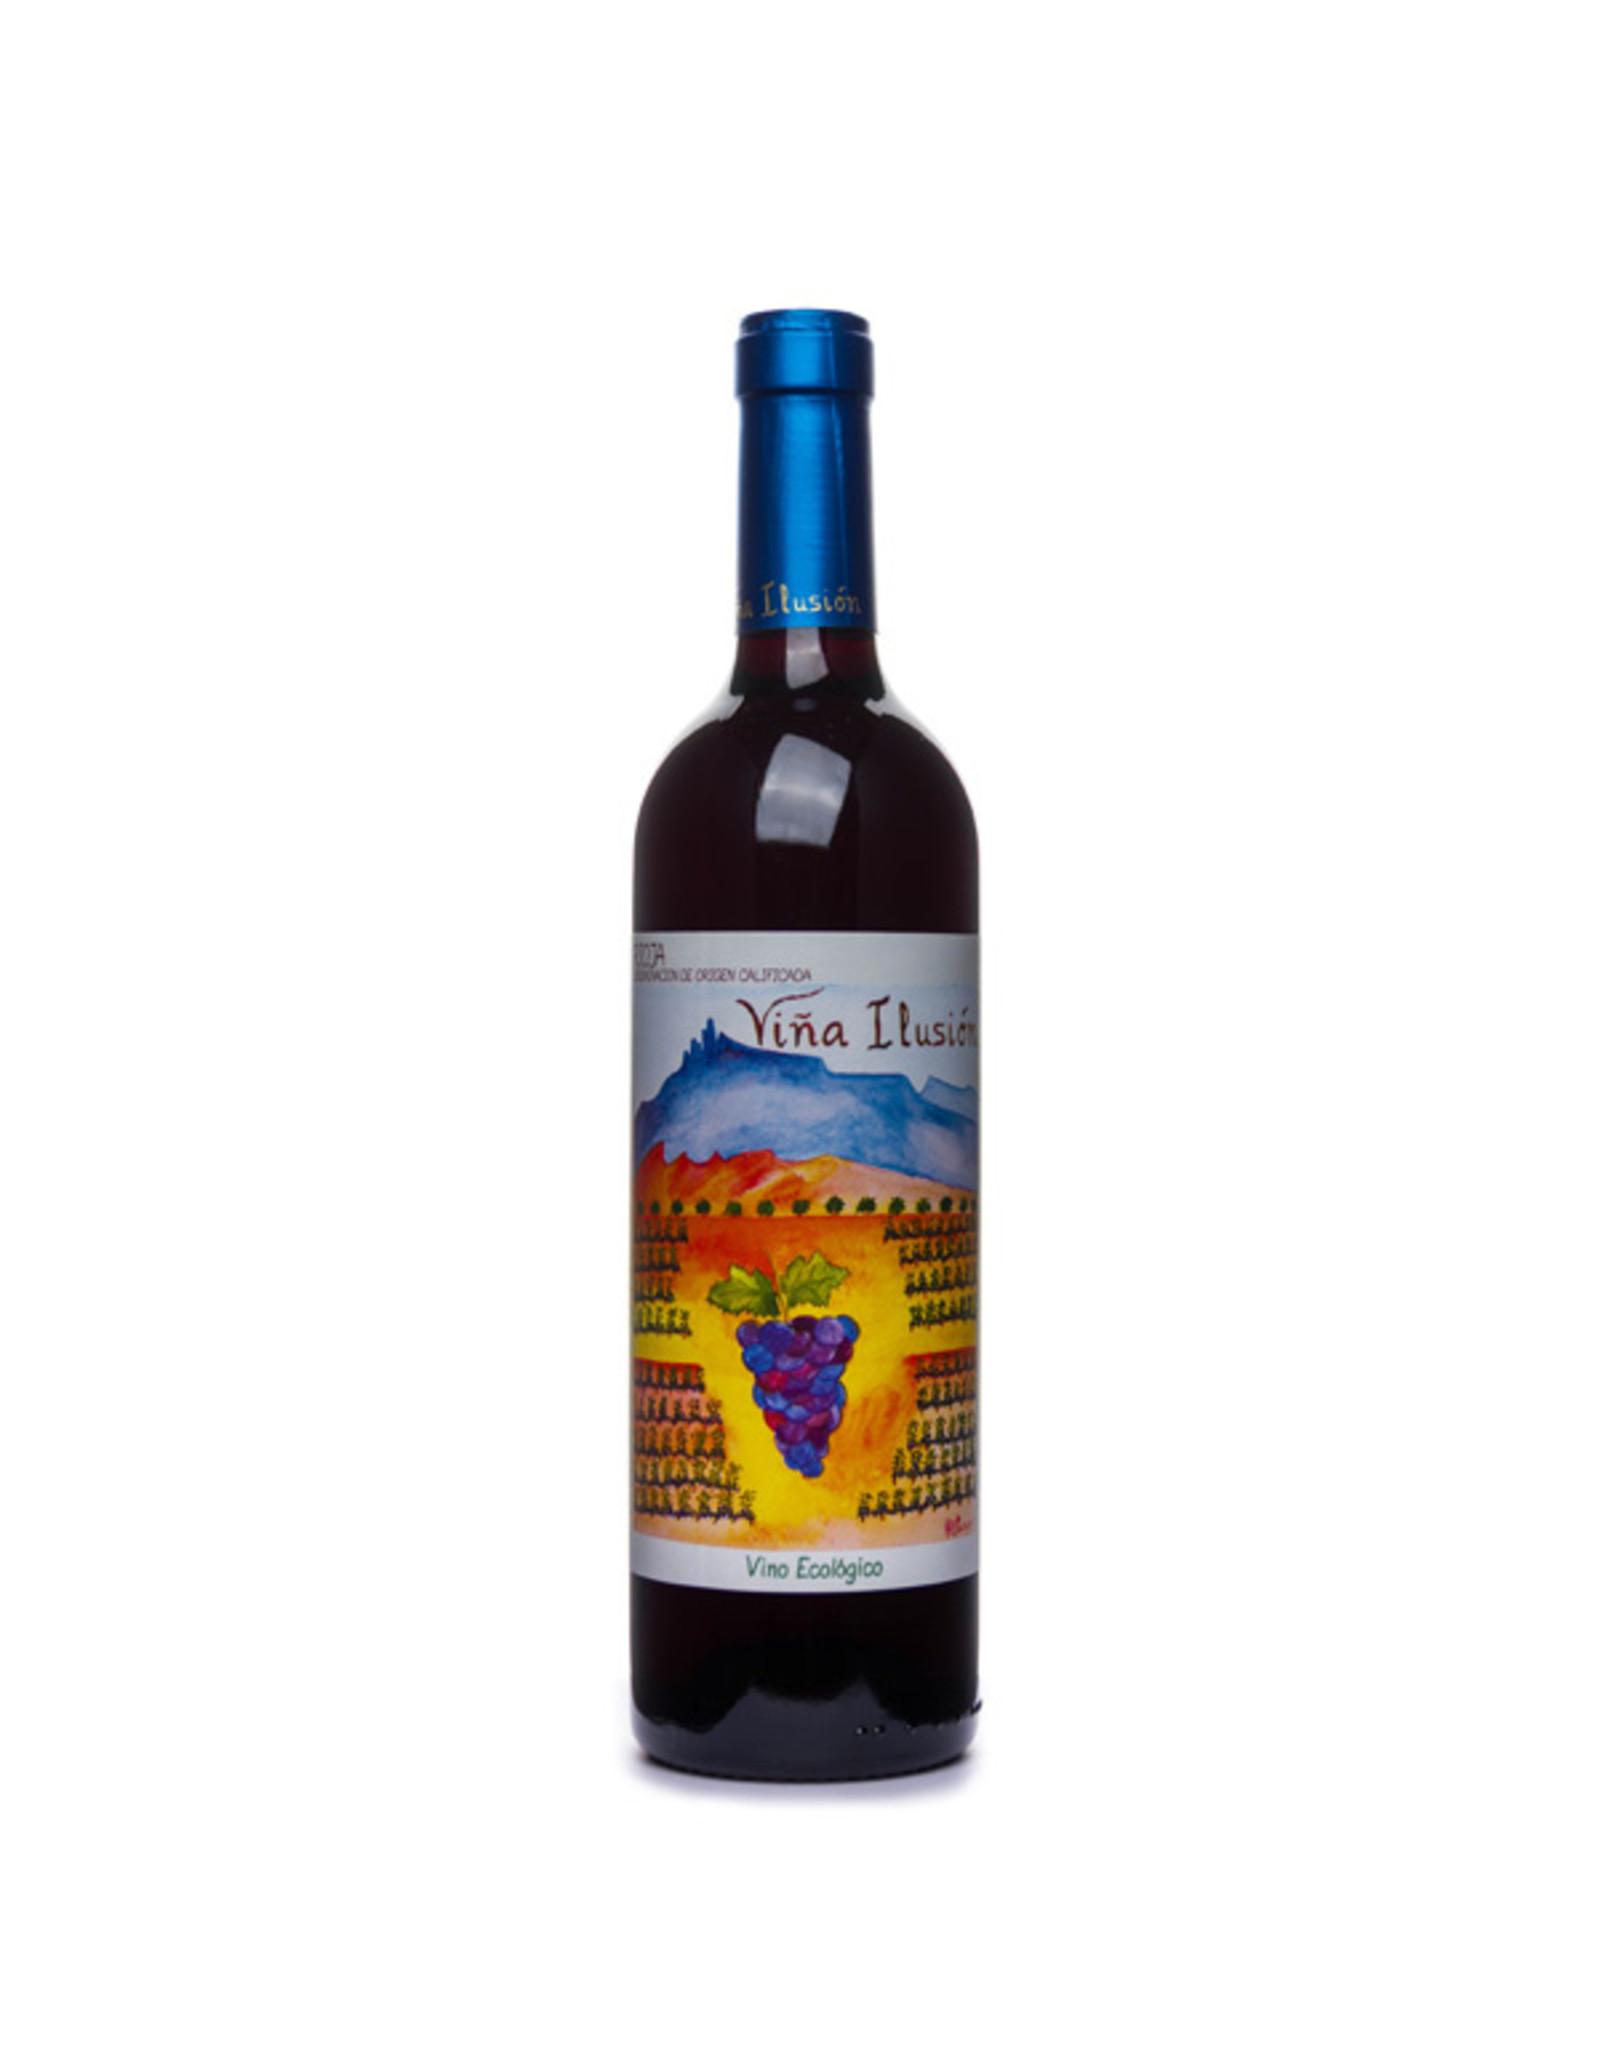 Rioja Viña Ilusión 2016, Alonso Etayo